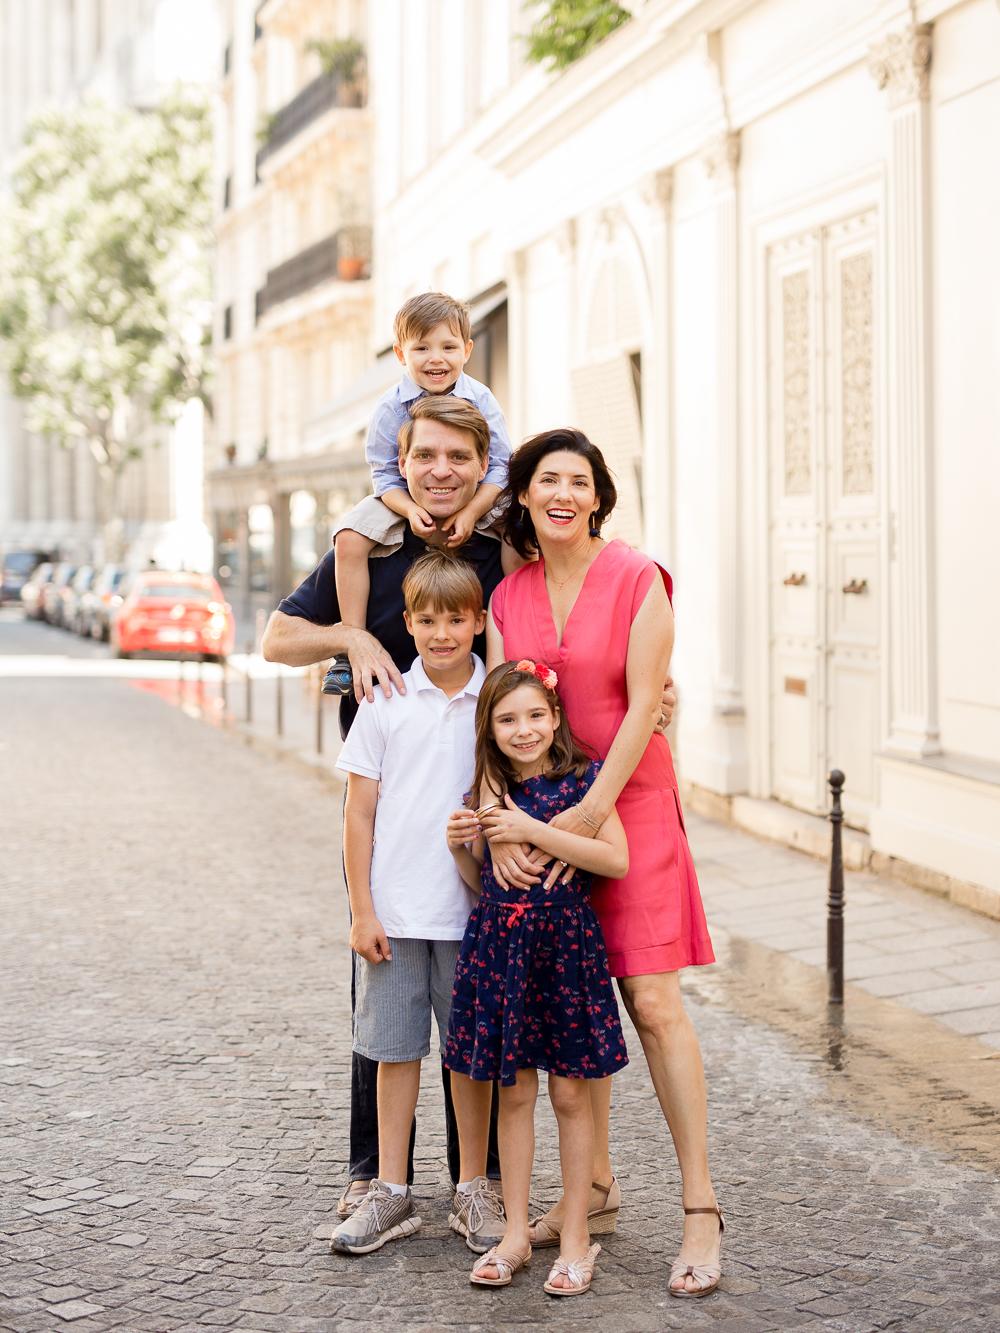 paris-family-portrait-photographer-location-ideas-paris-6_arrondissement_005.jpg